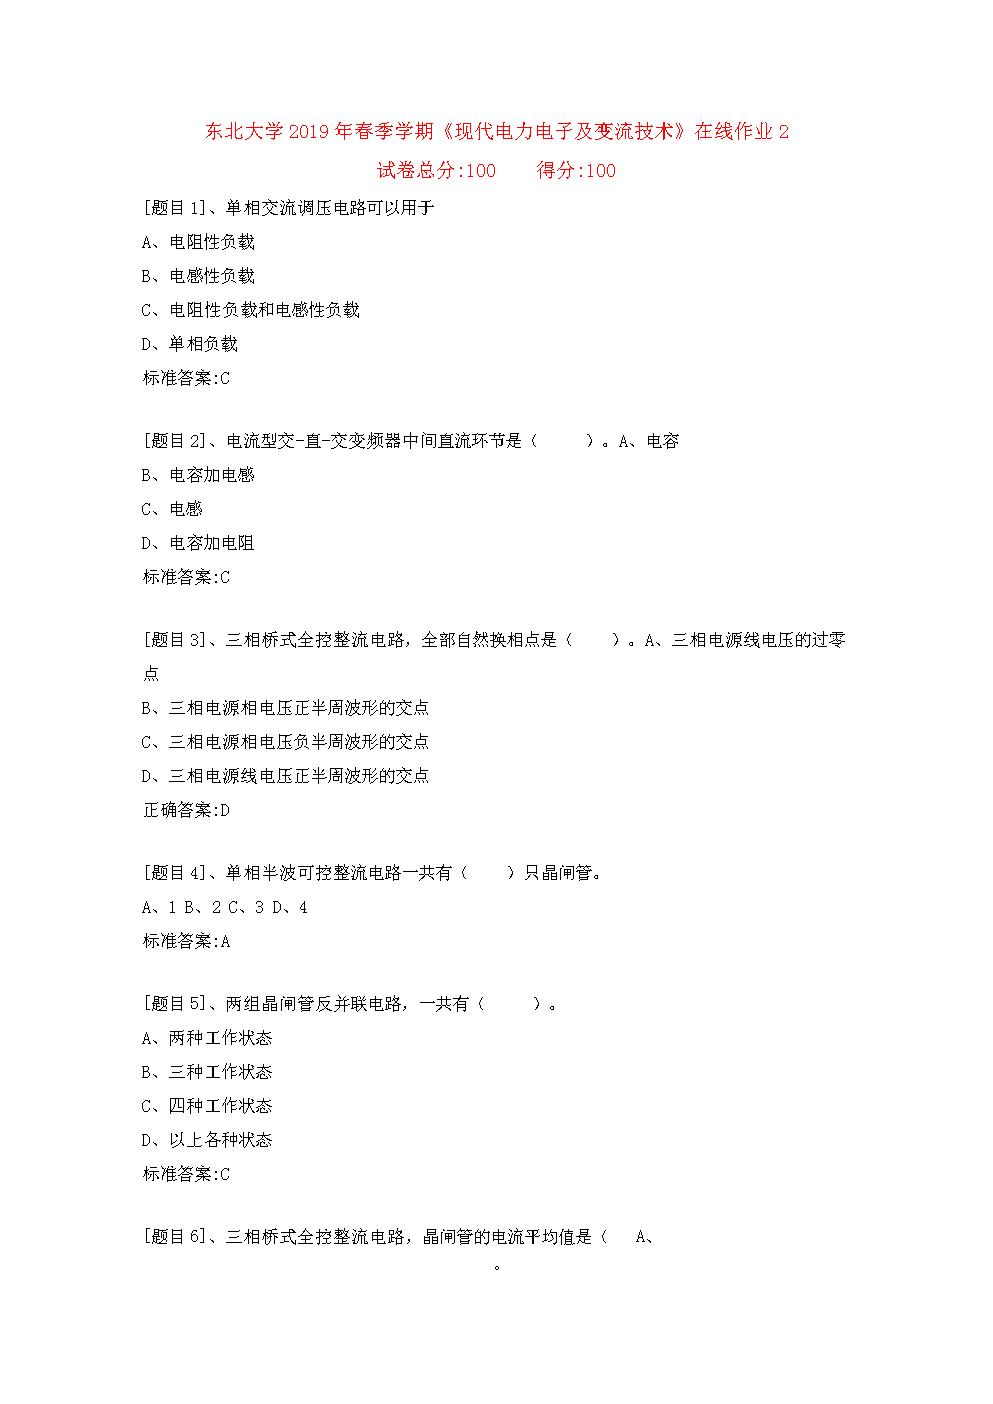 东北大学2019年春季学期《现代电力电子及变流技术》在线作业(答案).doc